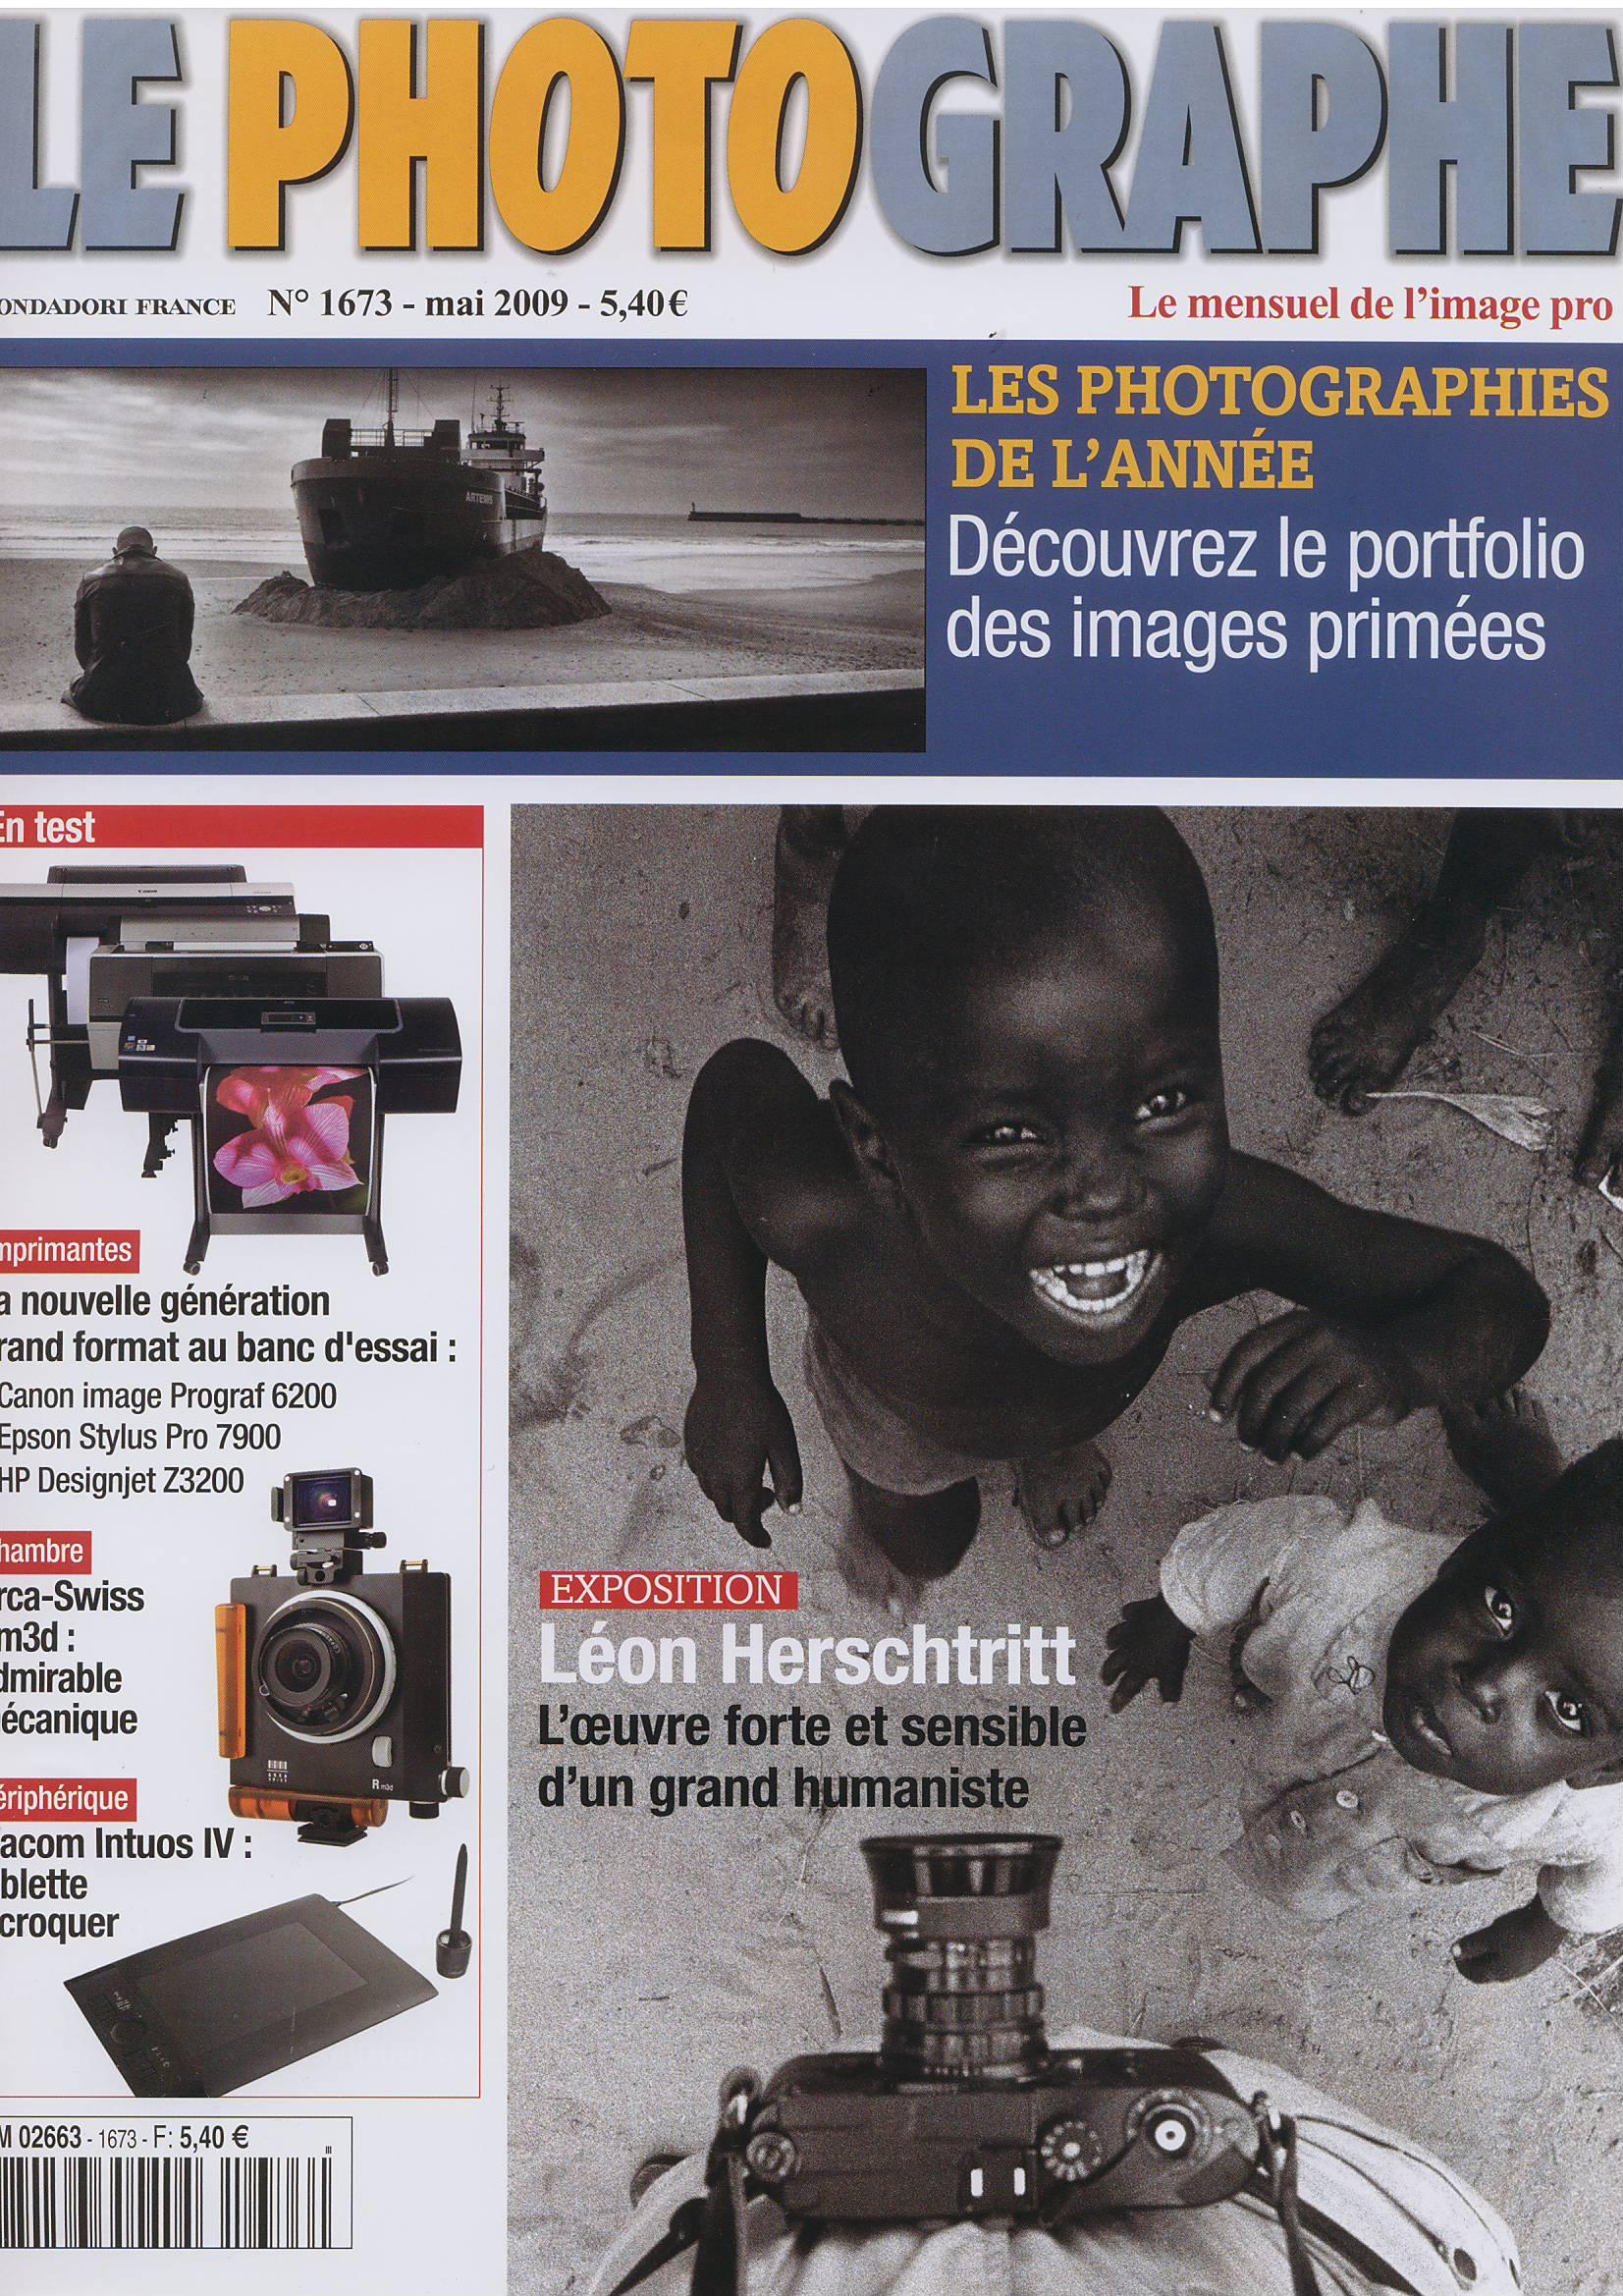 couverture le photographe mai 2009 Article mabellephoto.com dans le magazine Le Photographe